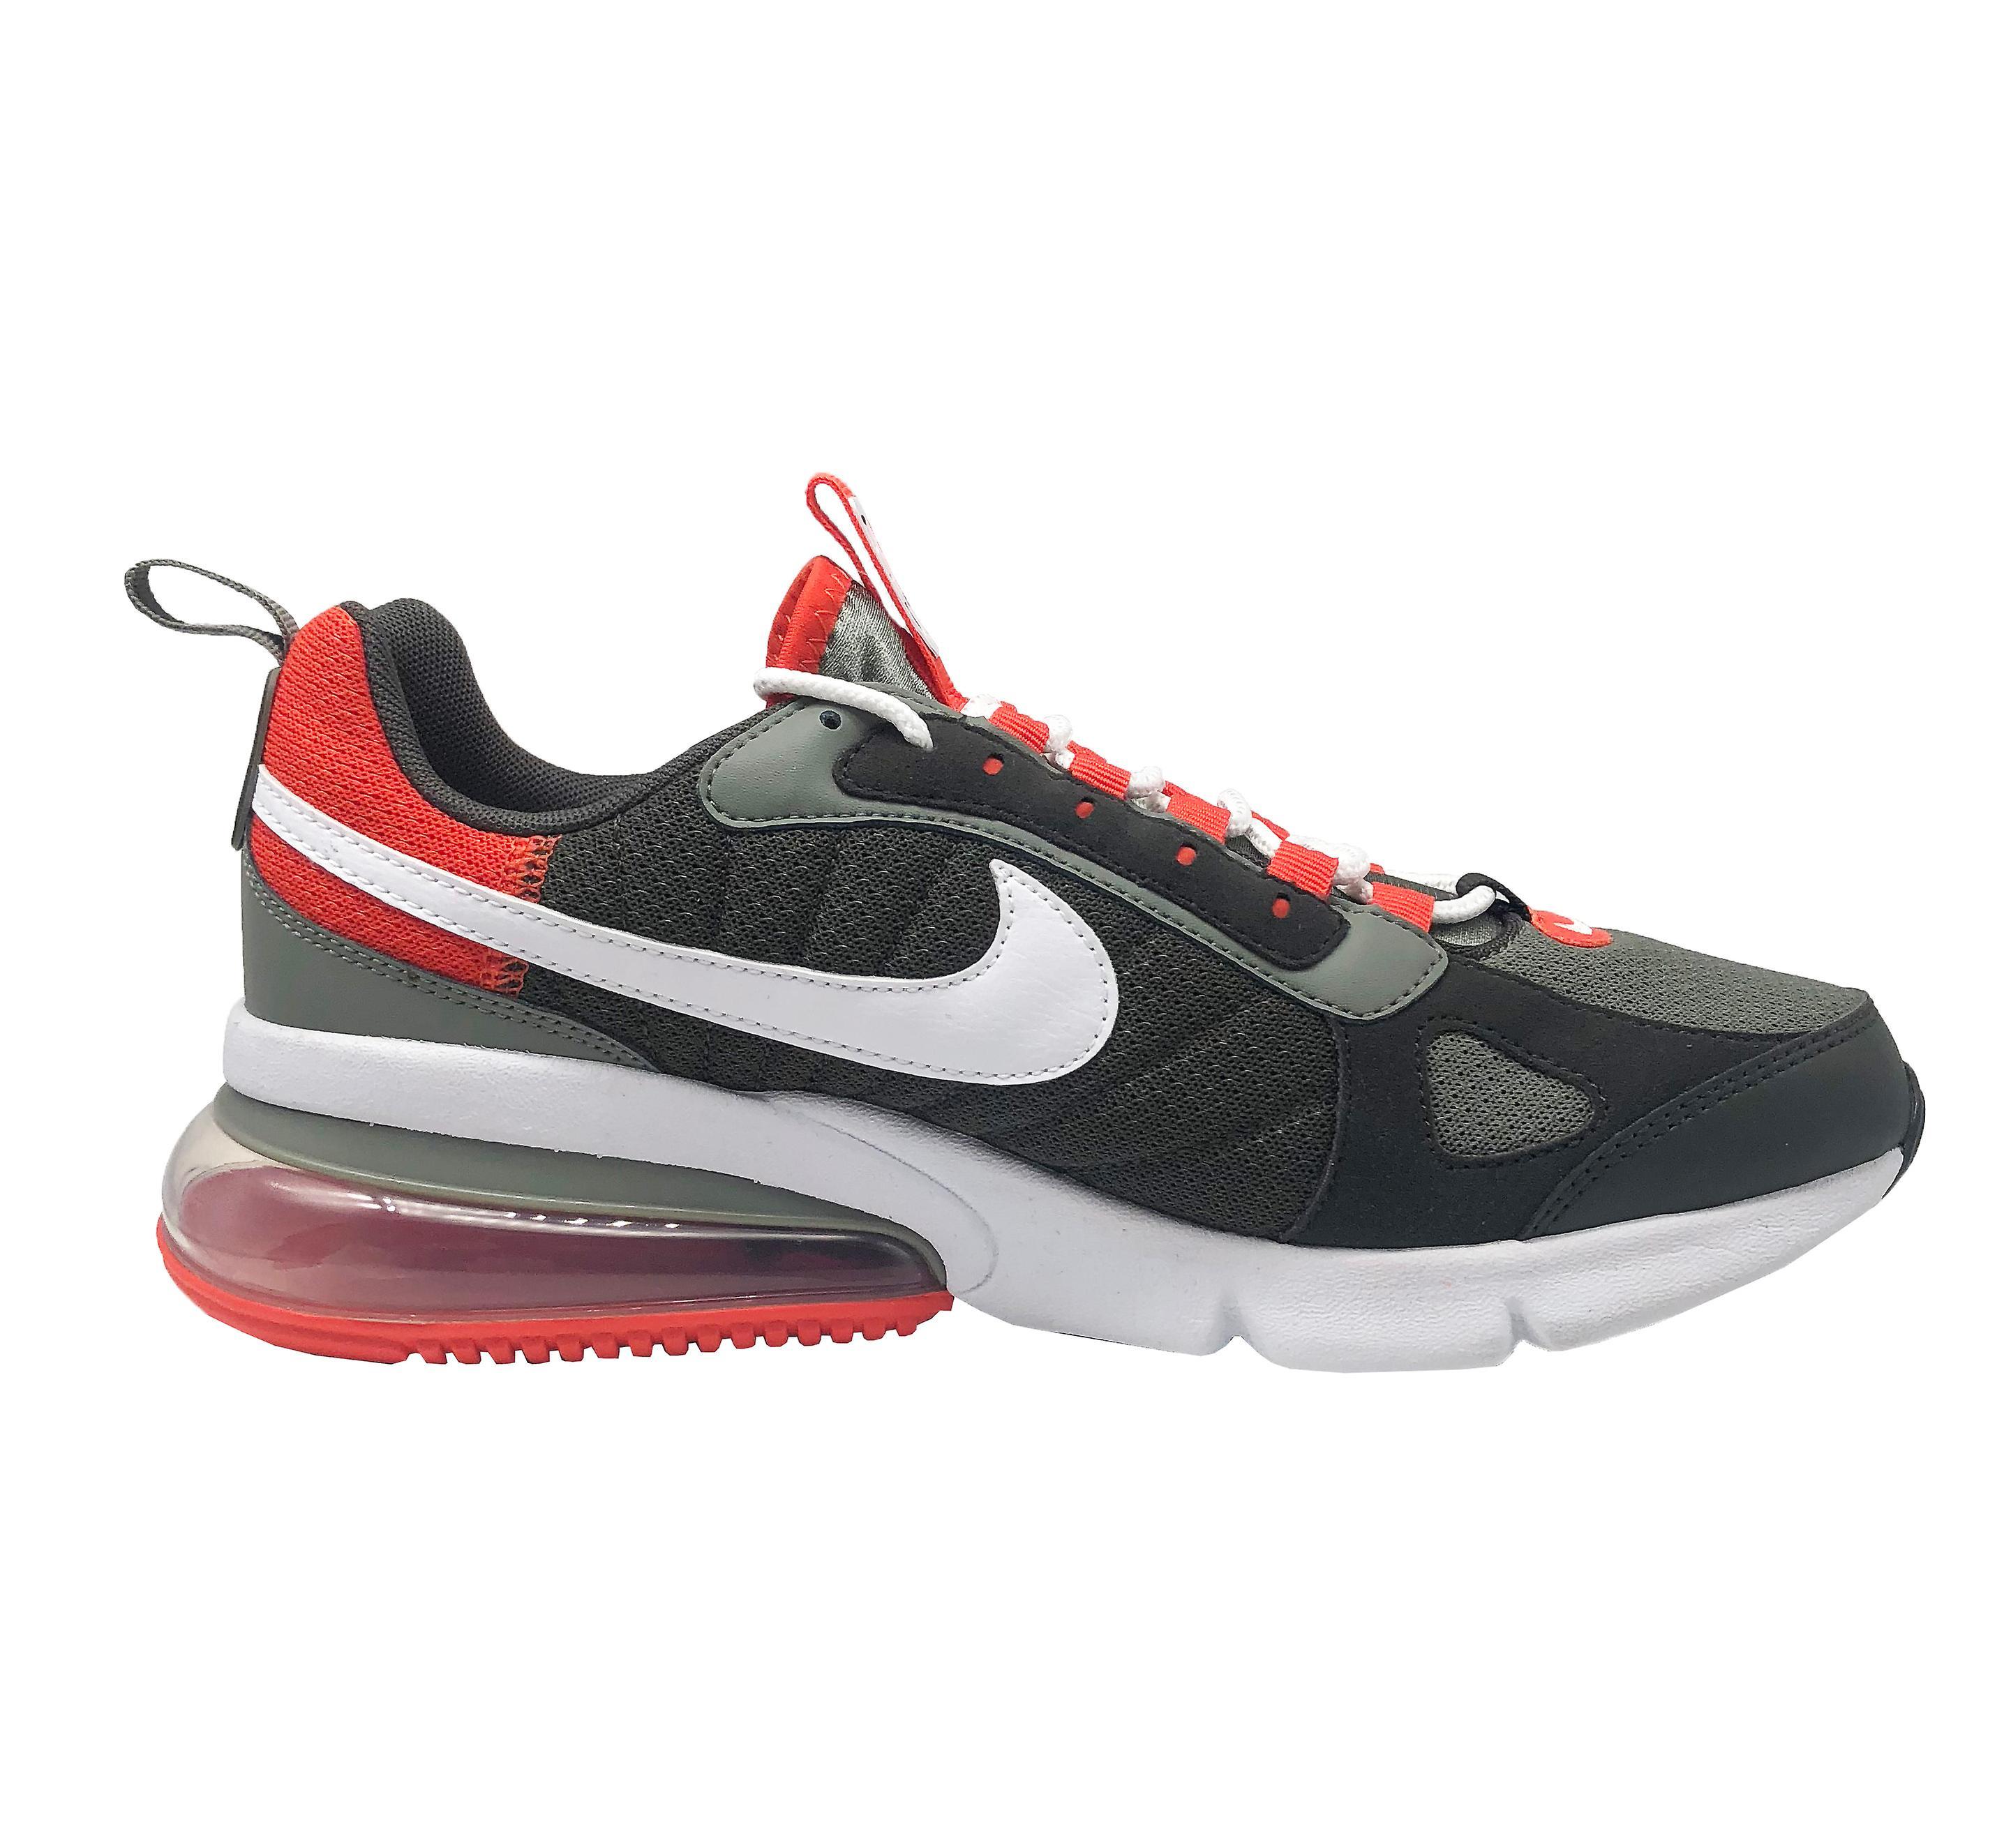 Nike Air Max 270 Futura AO1569 002 herr tränings skor